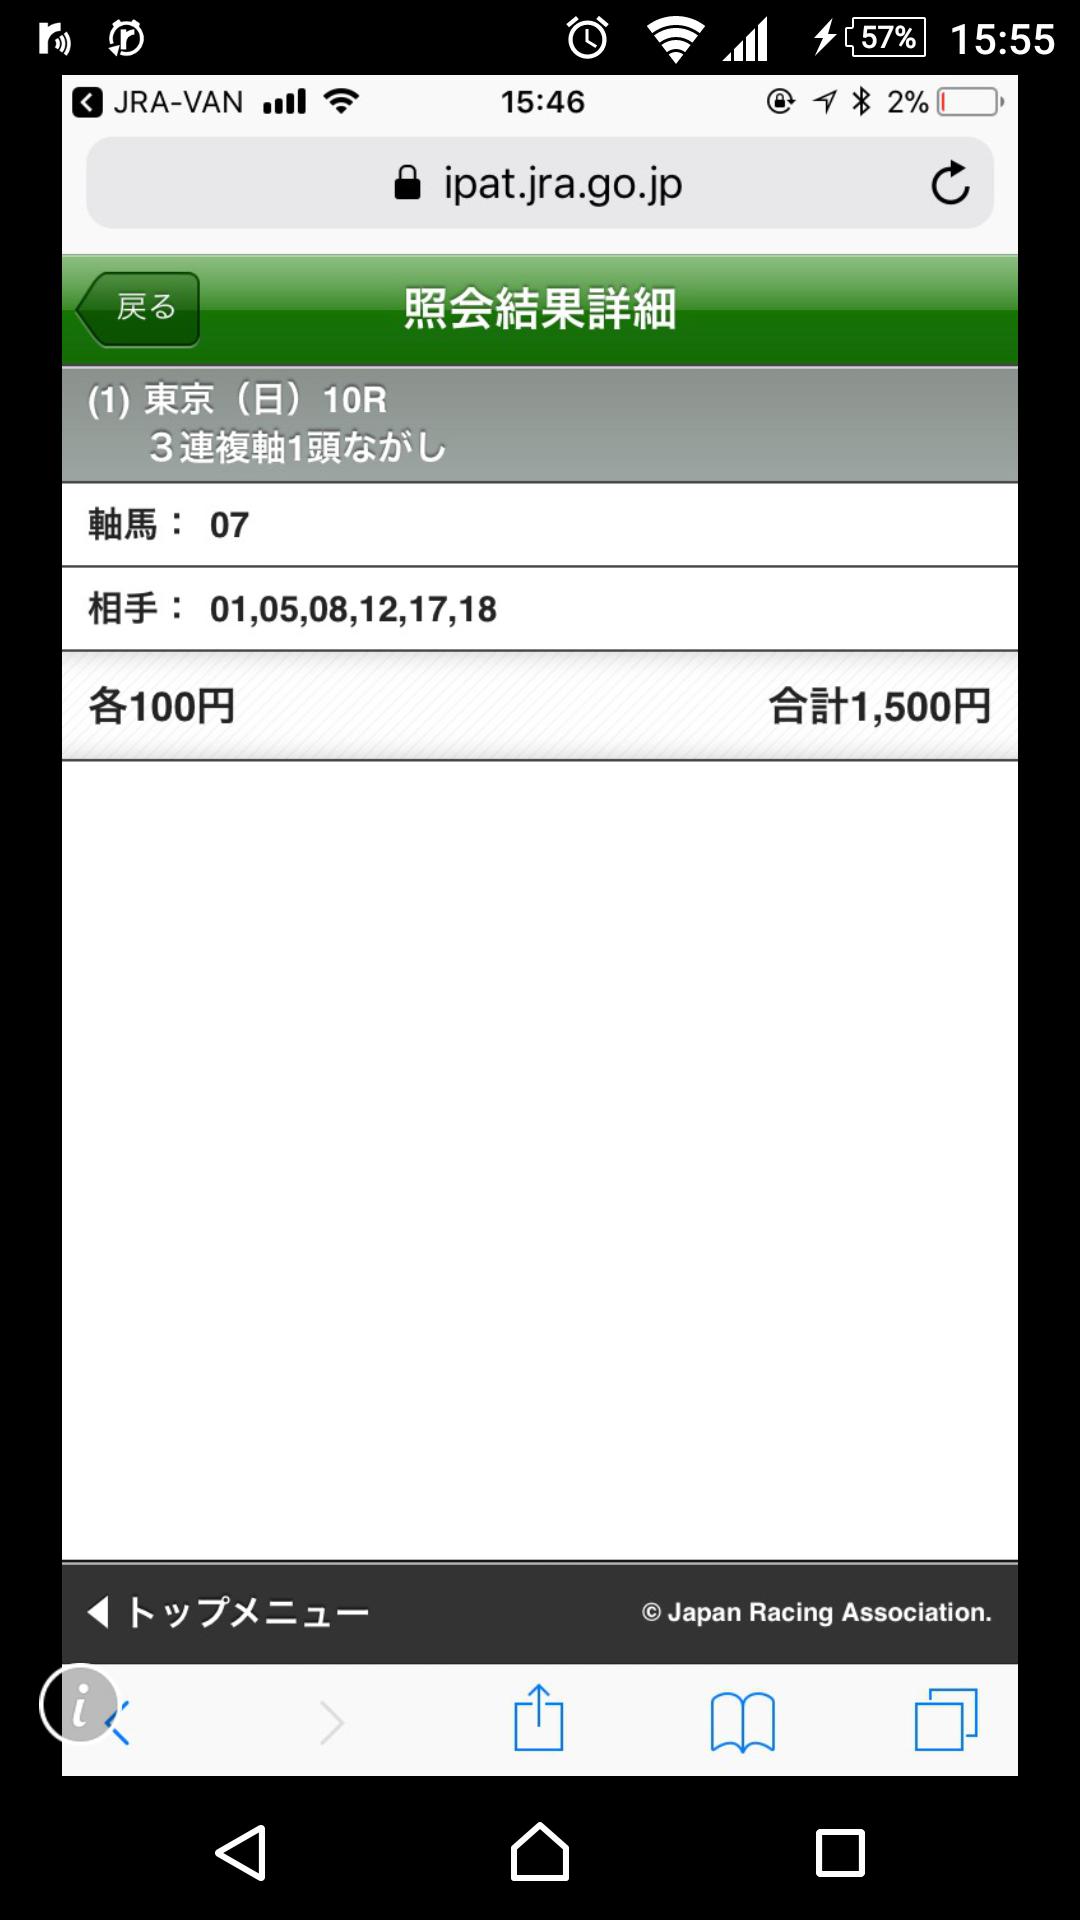 【競馬】買えてよかったね!!おめでとう!!